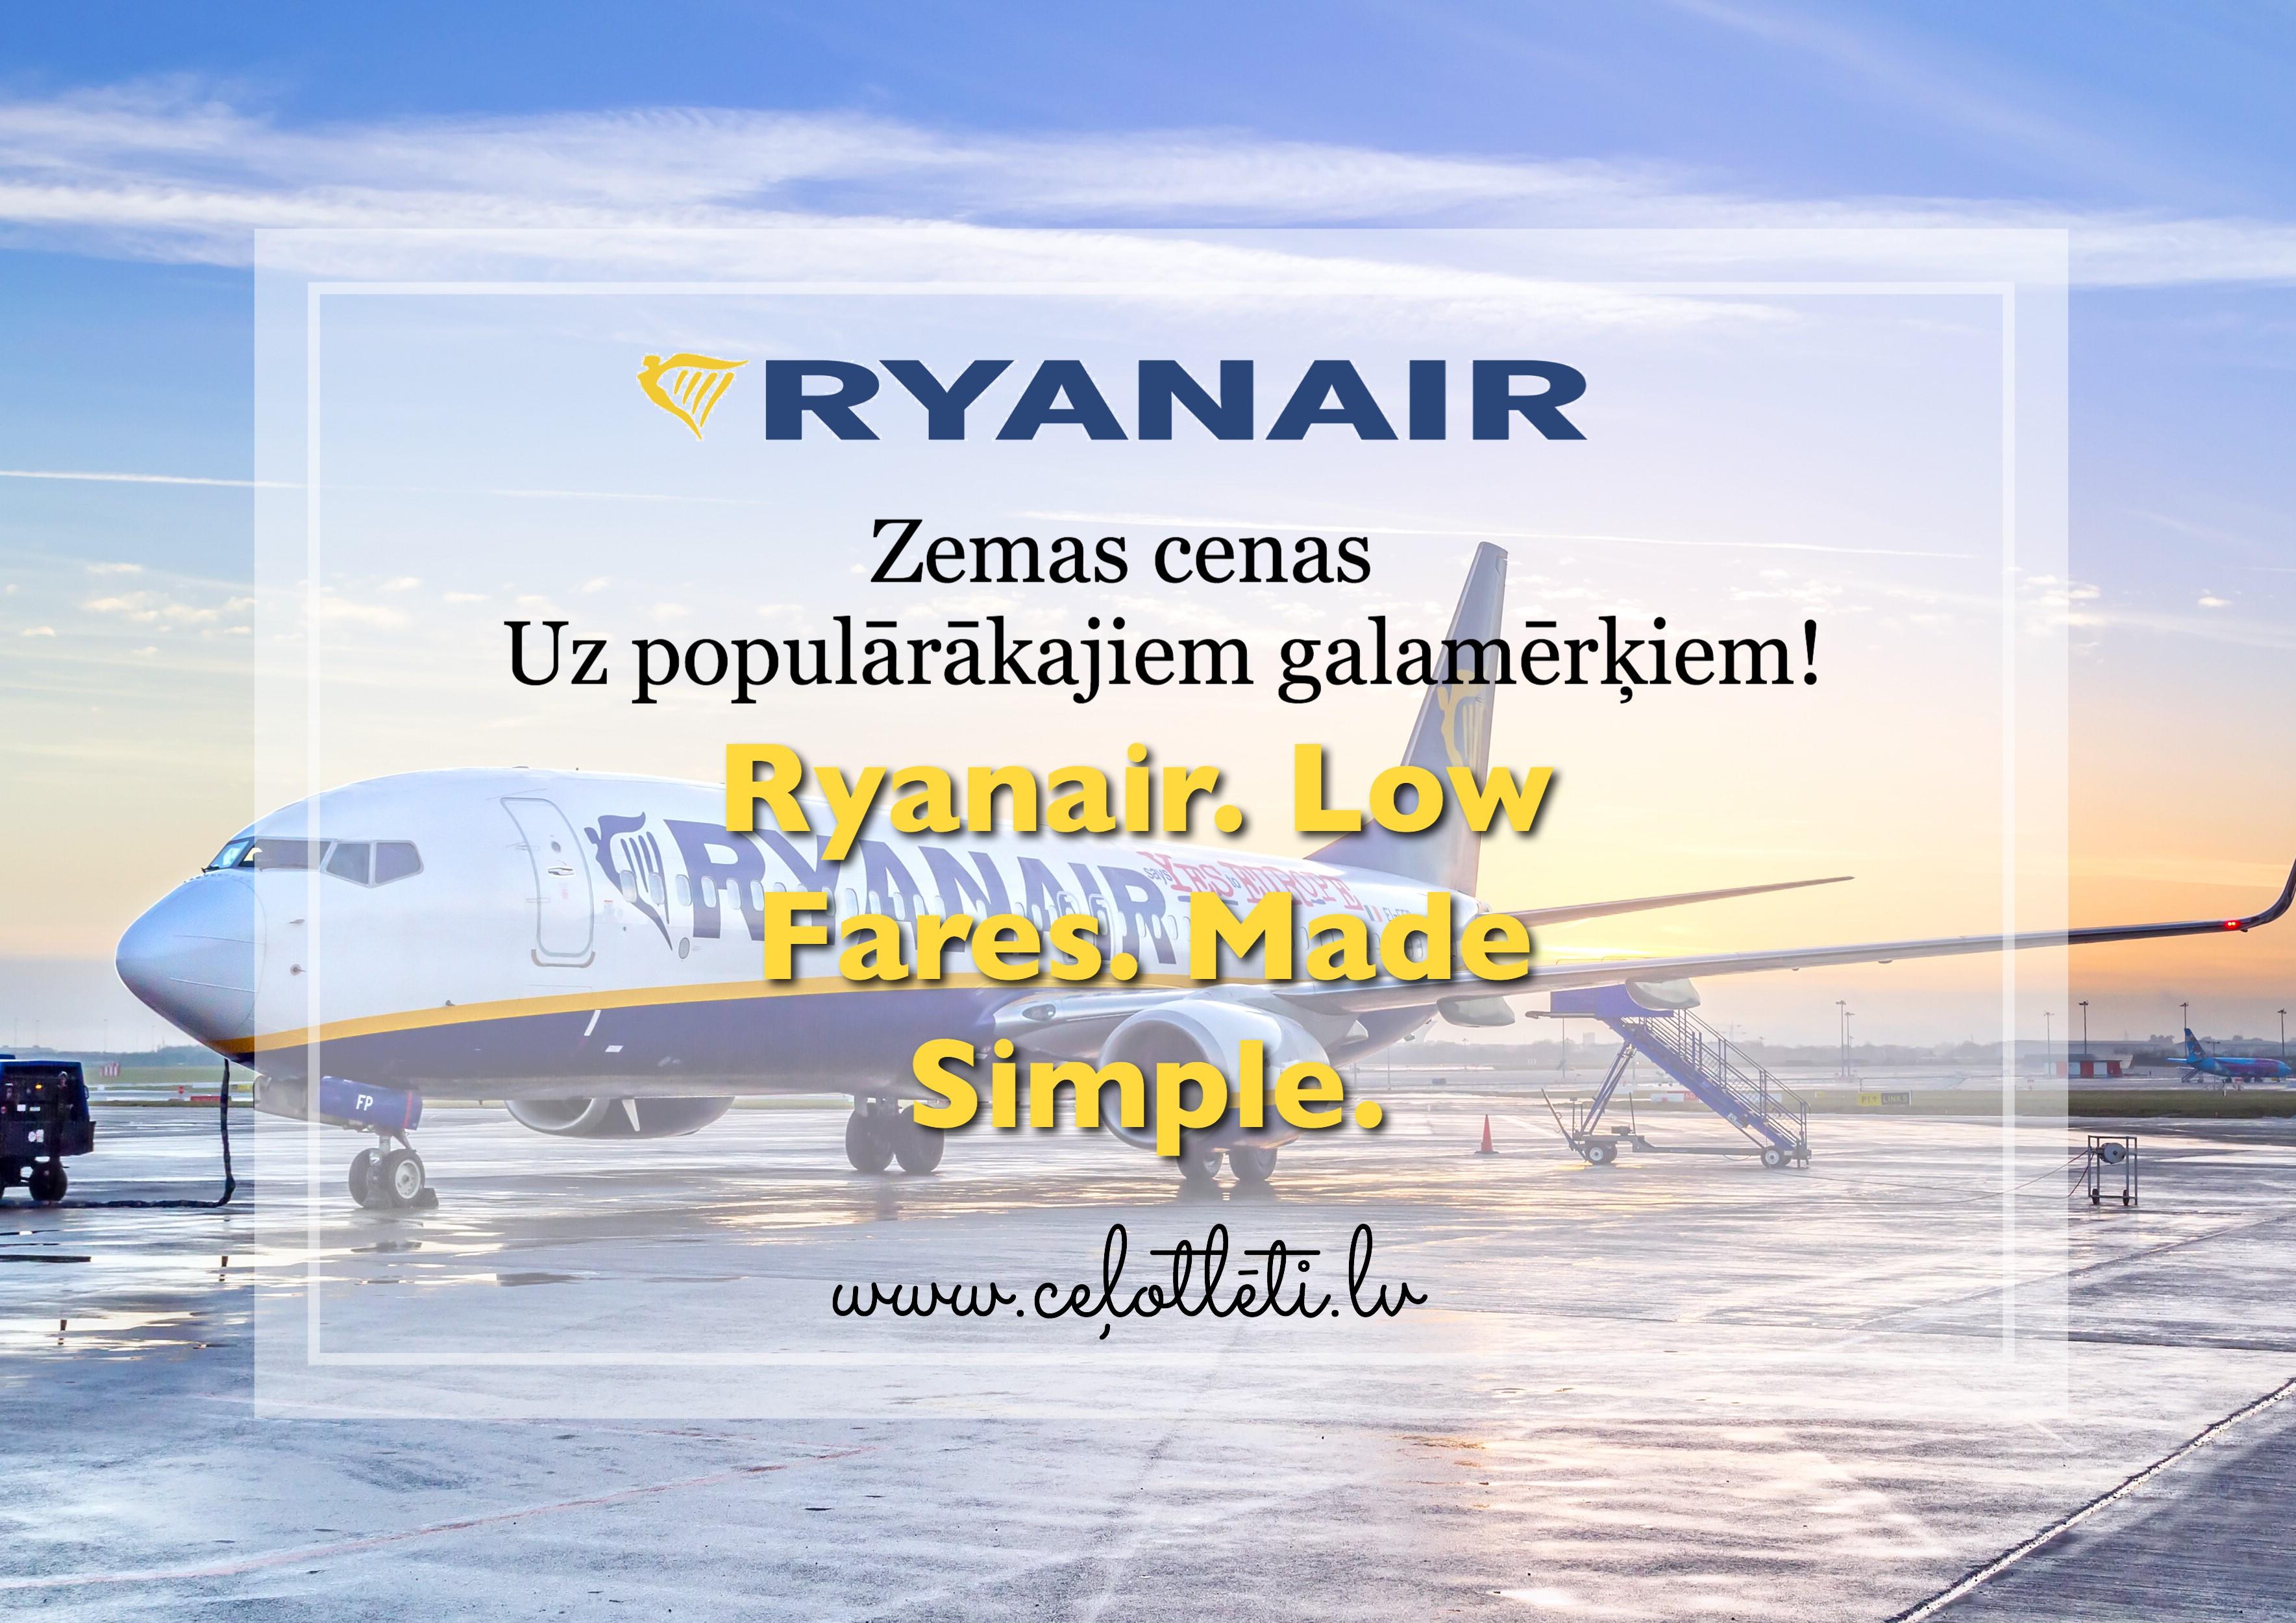 Meklē Ceļotlēti.lv: Ryanair zemas cenas!